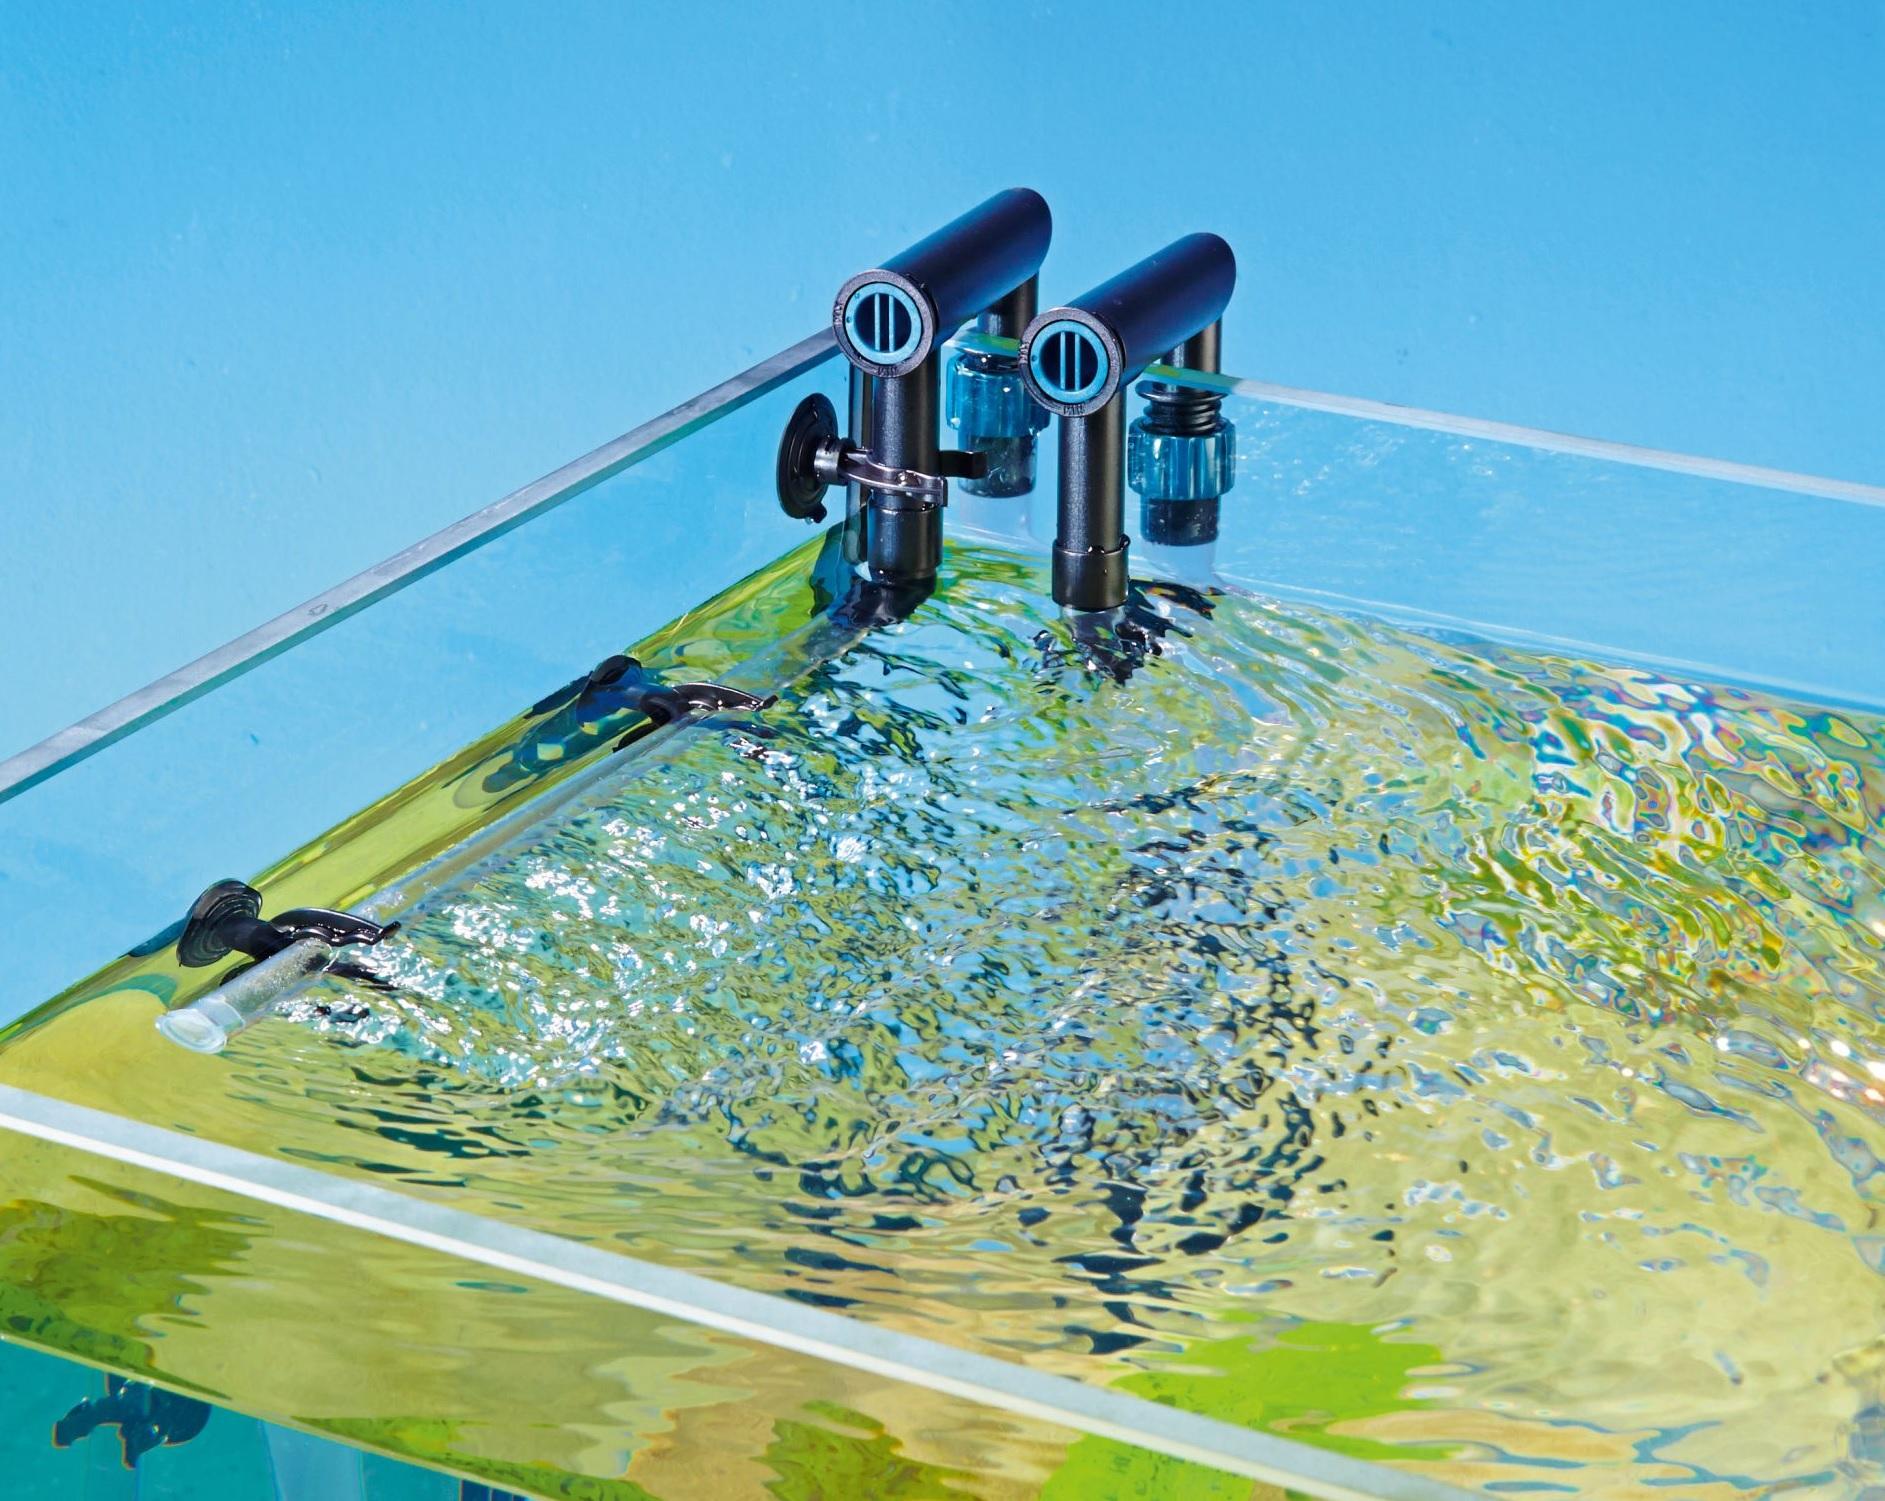 تلاطم کافی آب، نه تنها می تواند نقاط مرده را ازبین ببرد، بلکه با ایجاد تبادل کافی، اکسیژن زیادی نیز تامین می نماید.